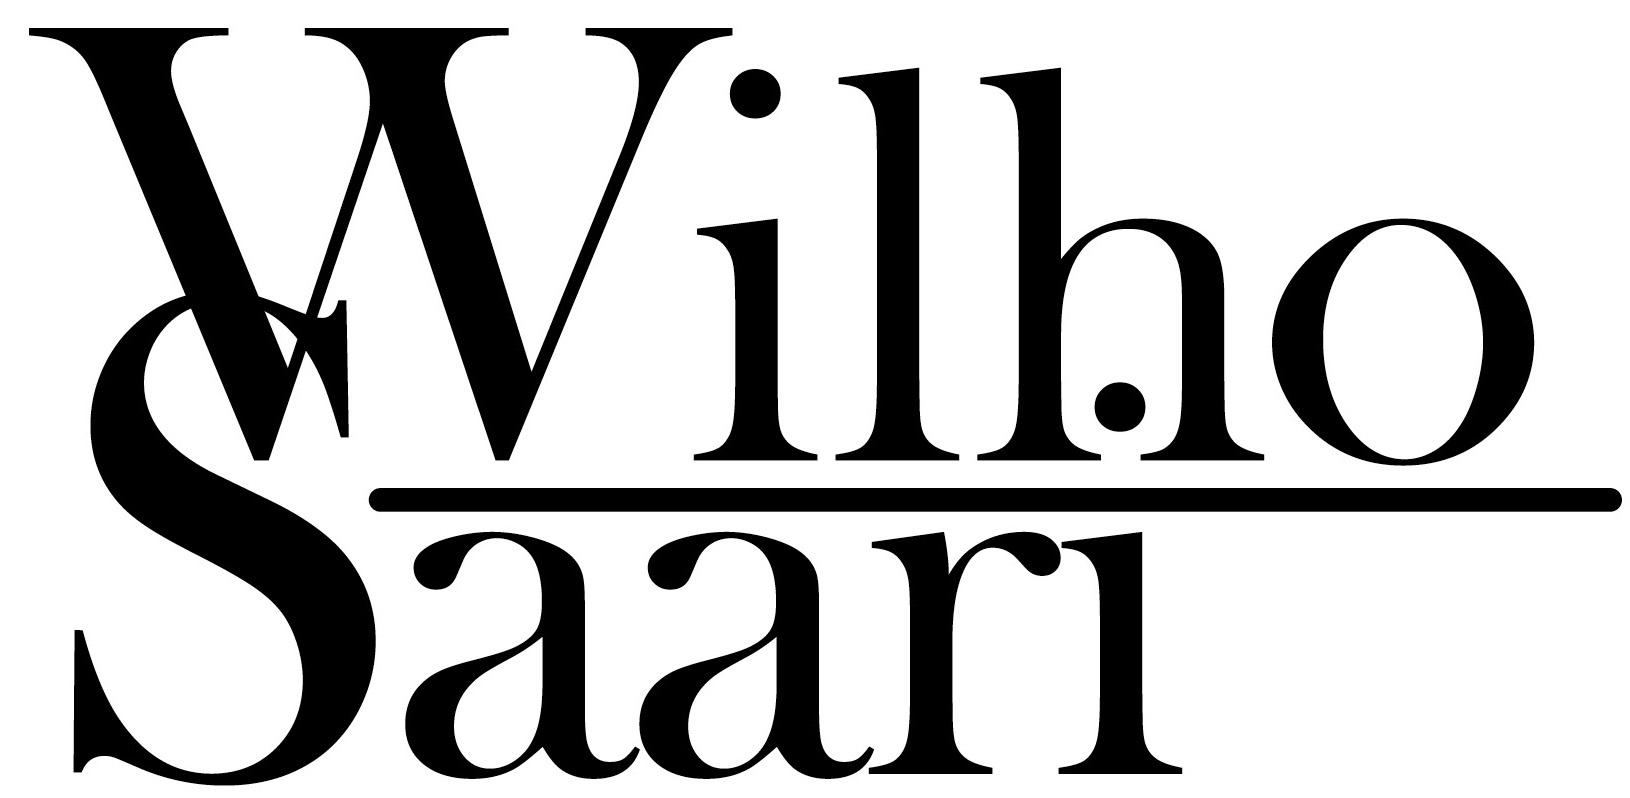 Wilho Saari